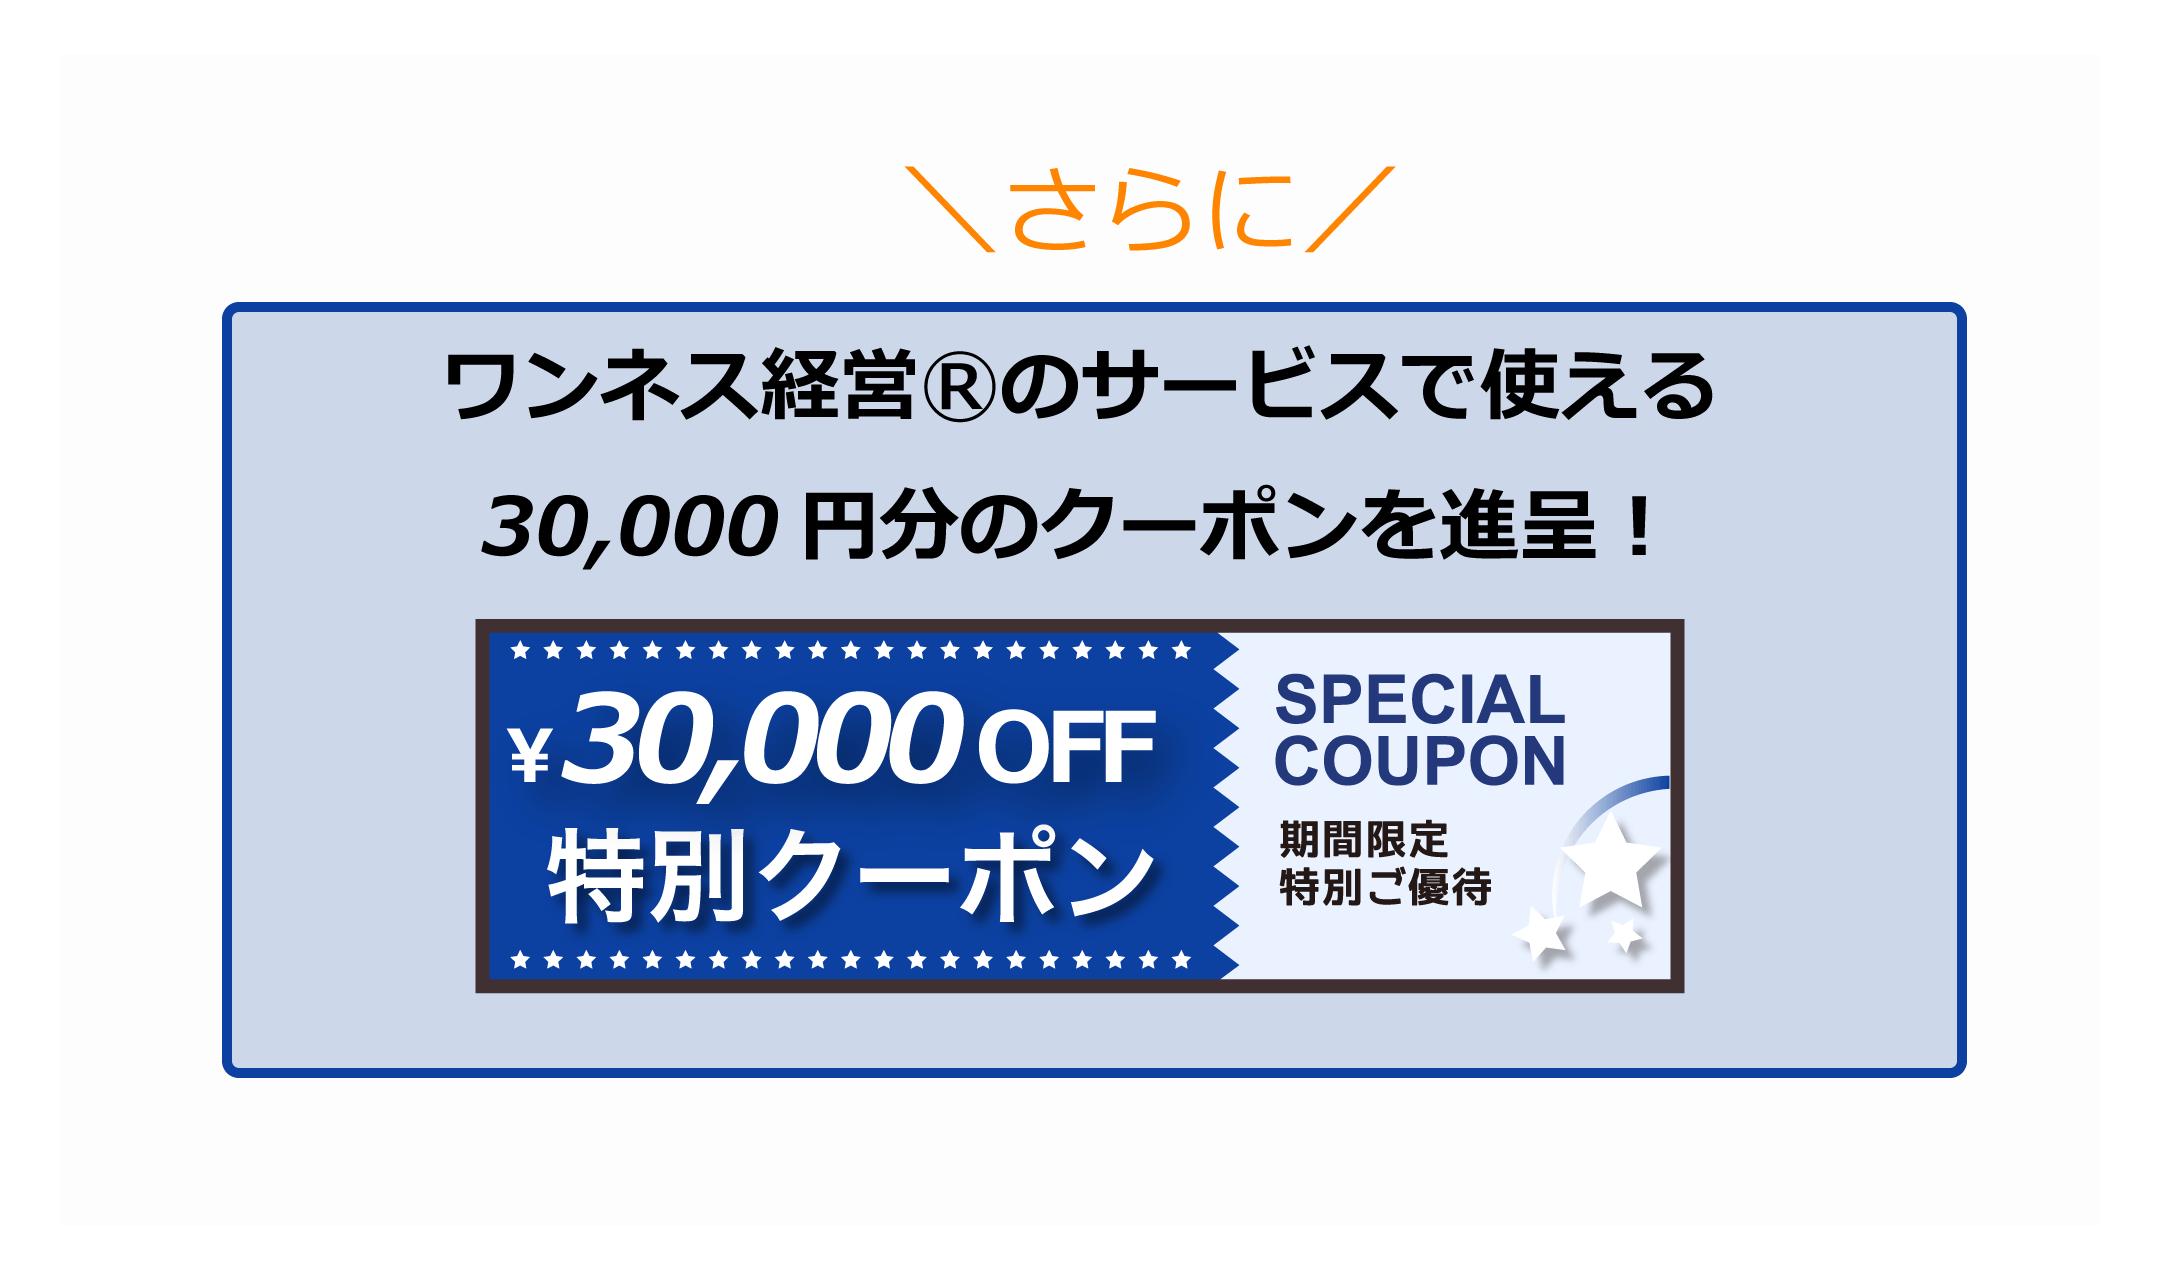 ワンネス経営®のサービスで使える30000円分のクーポンをプレゼント!